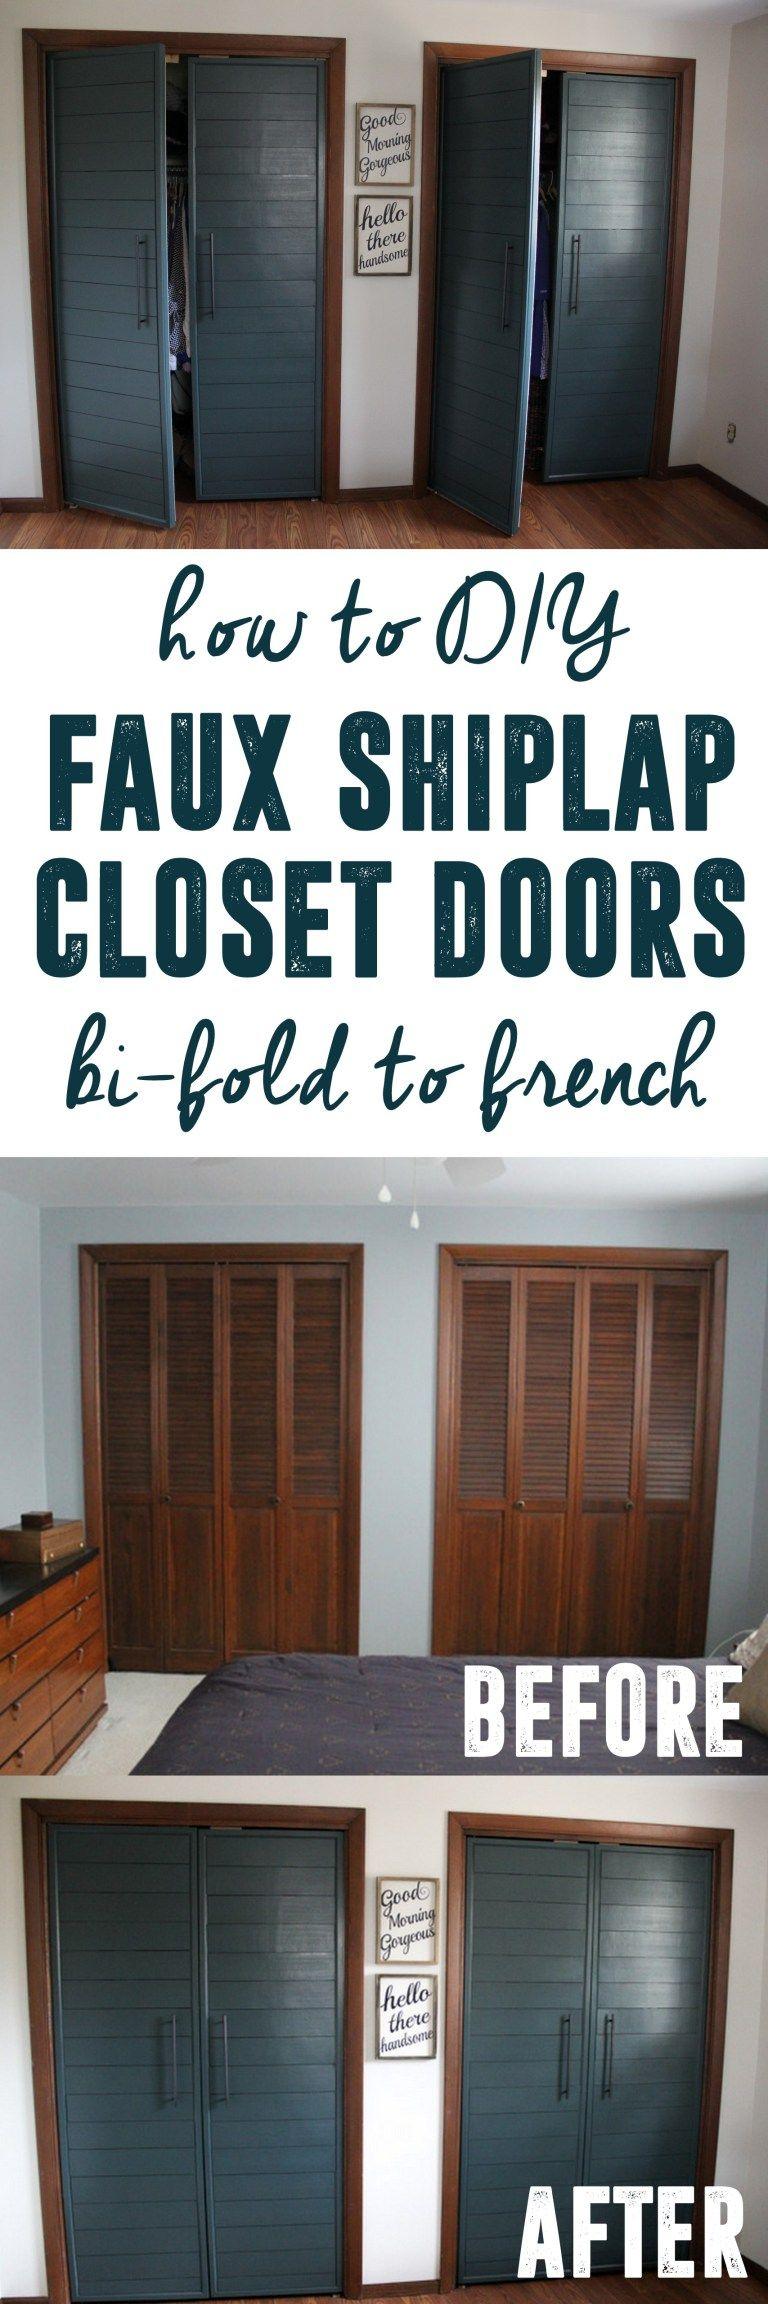 bifold to faux shiplap french closet doors